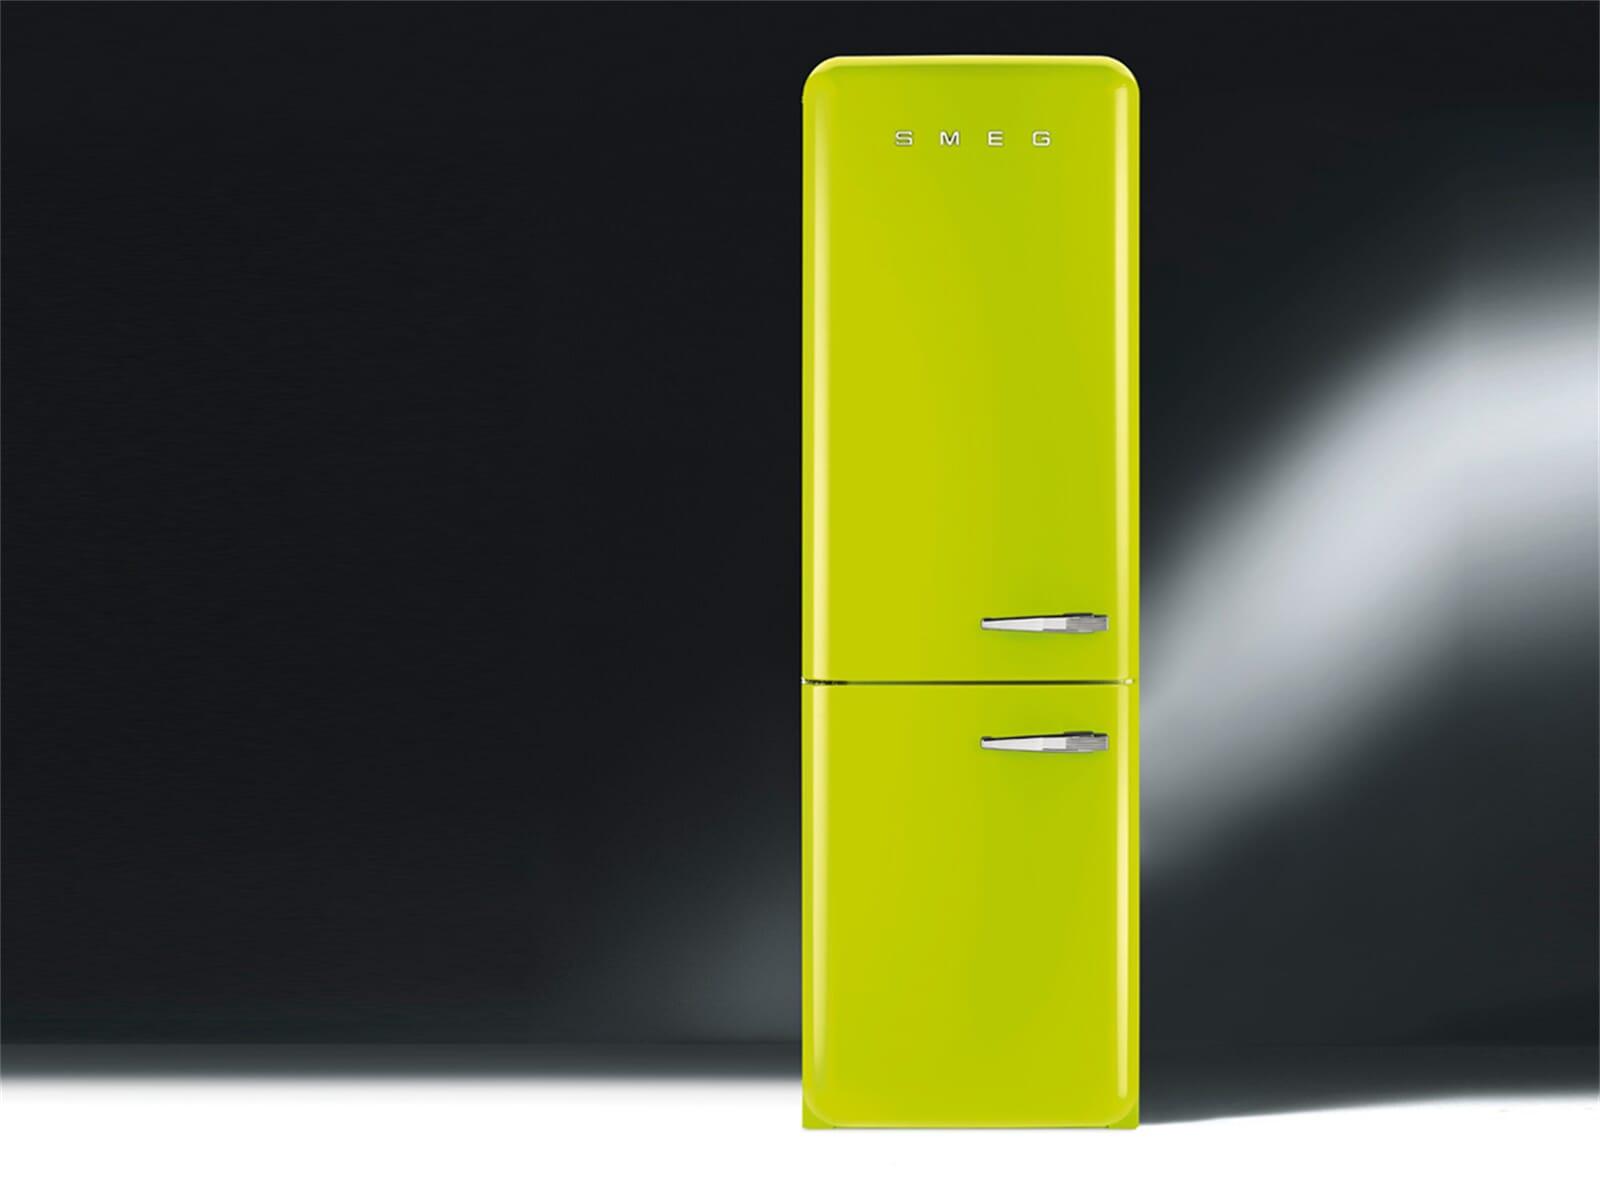 smeg fab32lven1 stand k hlkombination apfelgr n gr n k hlschrank retro a led ebay. Black Bedroom Furniture Sets. Home Design Ideas